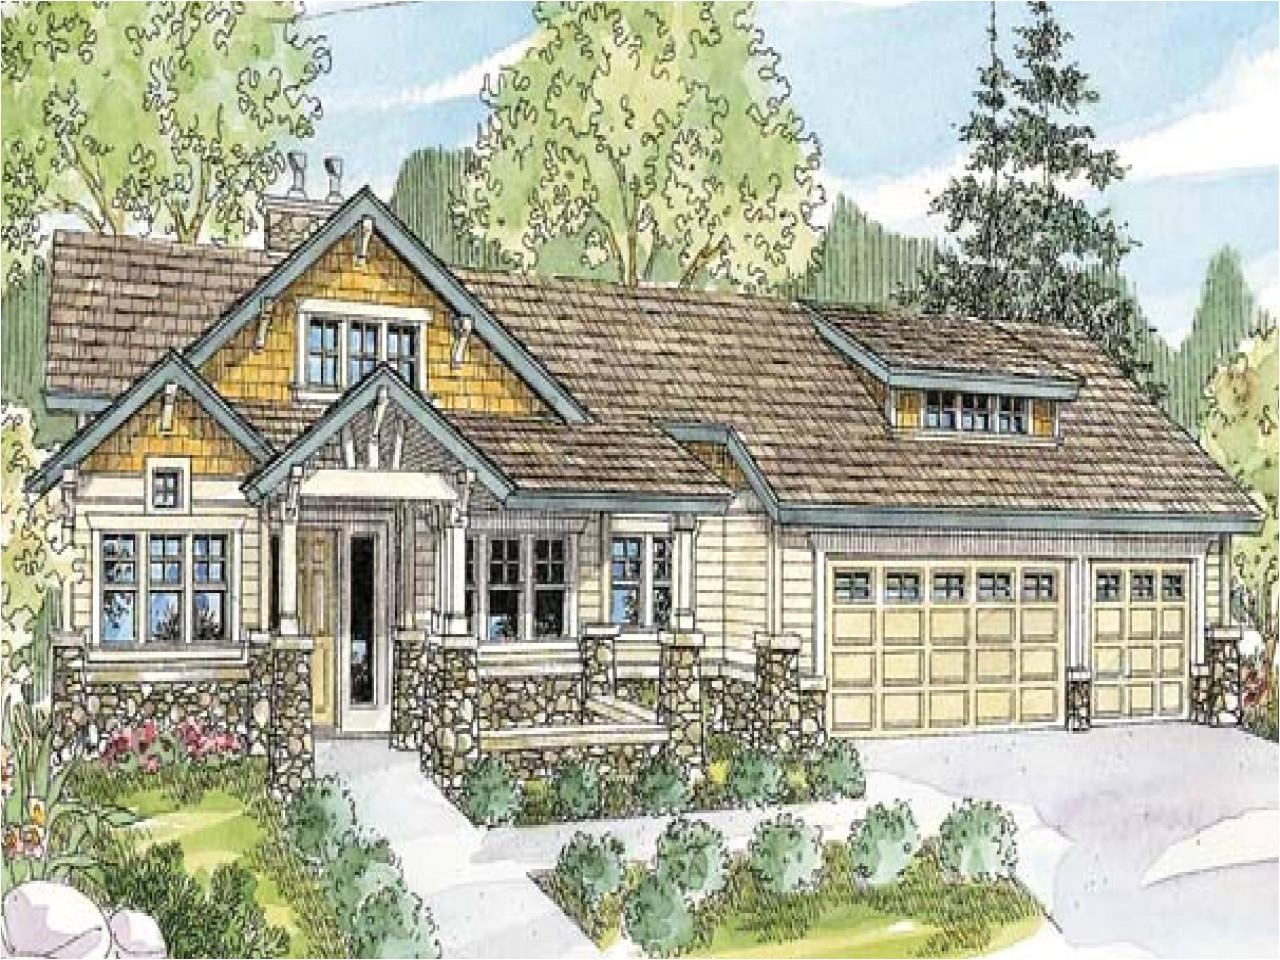 00c5a9355df94dea bungalow house plans with basement suite bungalow house plans with wrap around porches